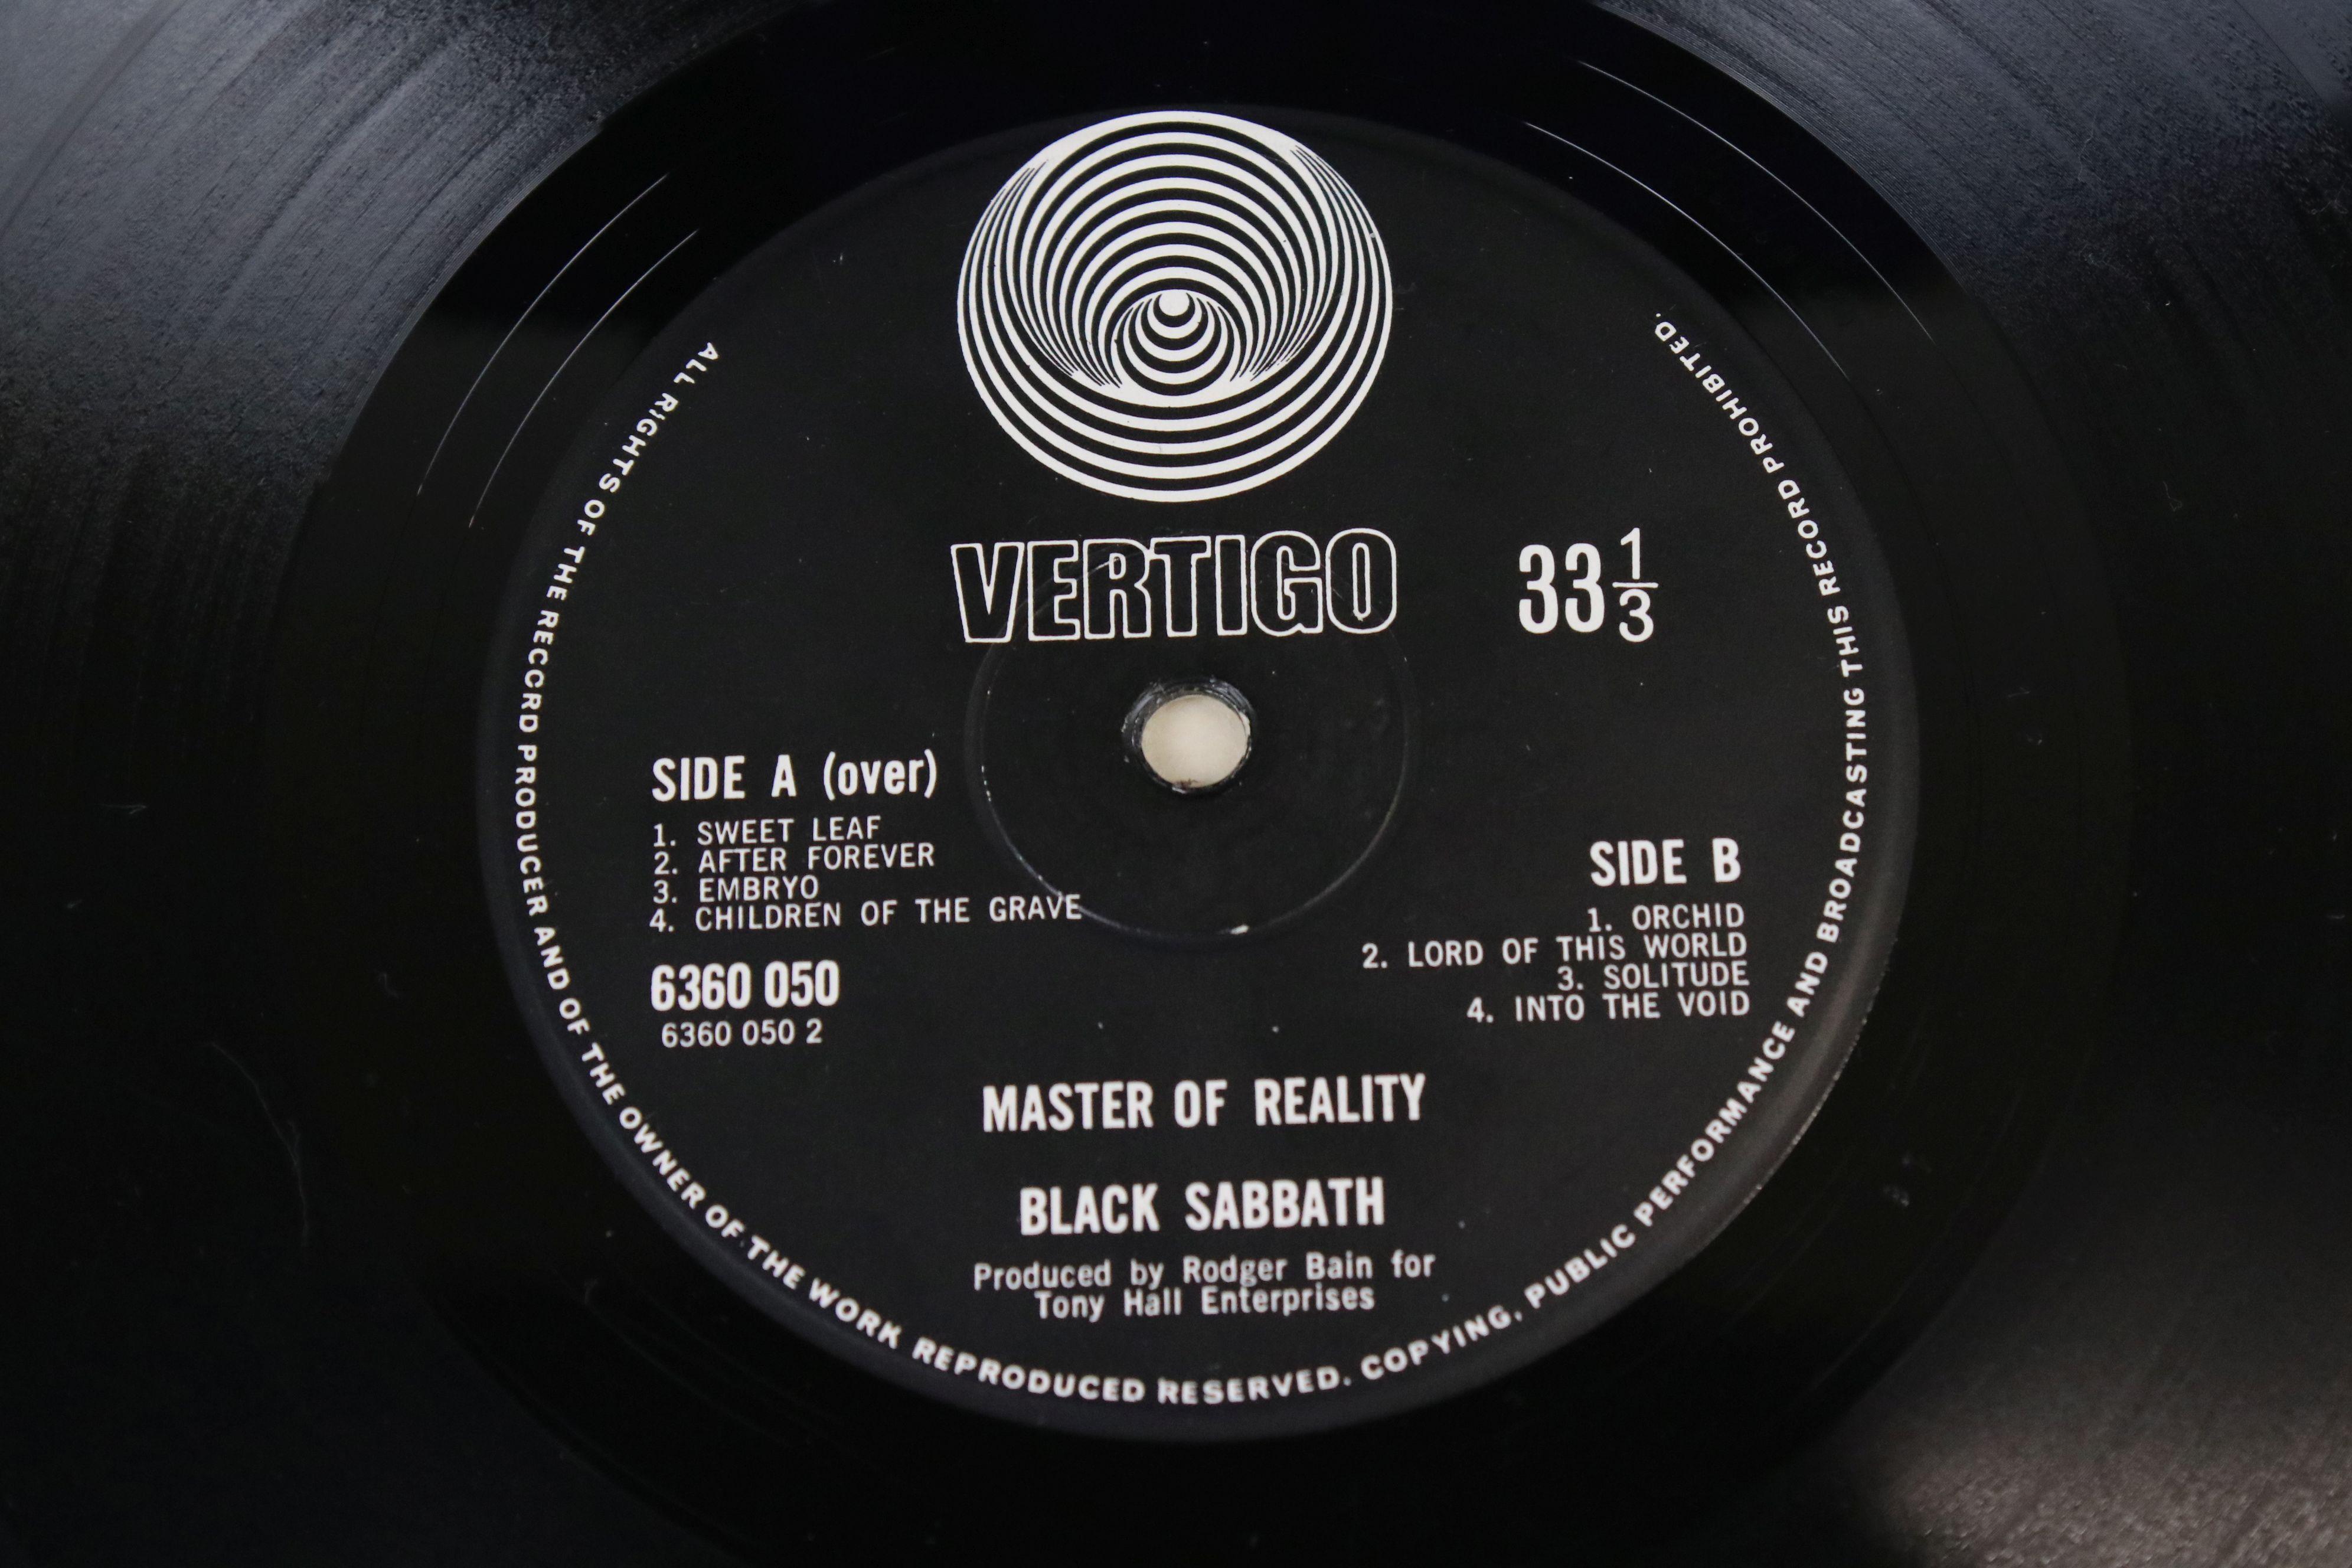 Vinyl - Black Sabbath Masters of Reality LP on Vertigo 6360050, box cover, no poster, Vertigo - Image 3 of 6